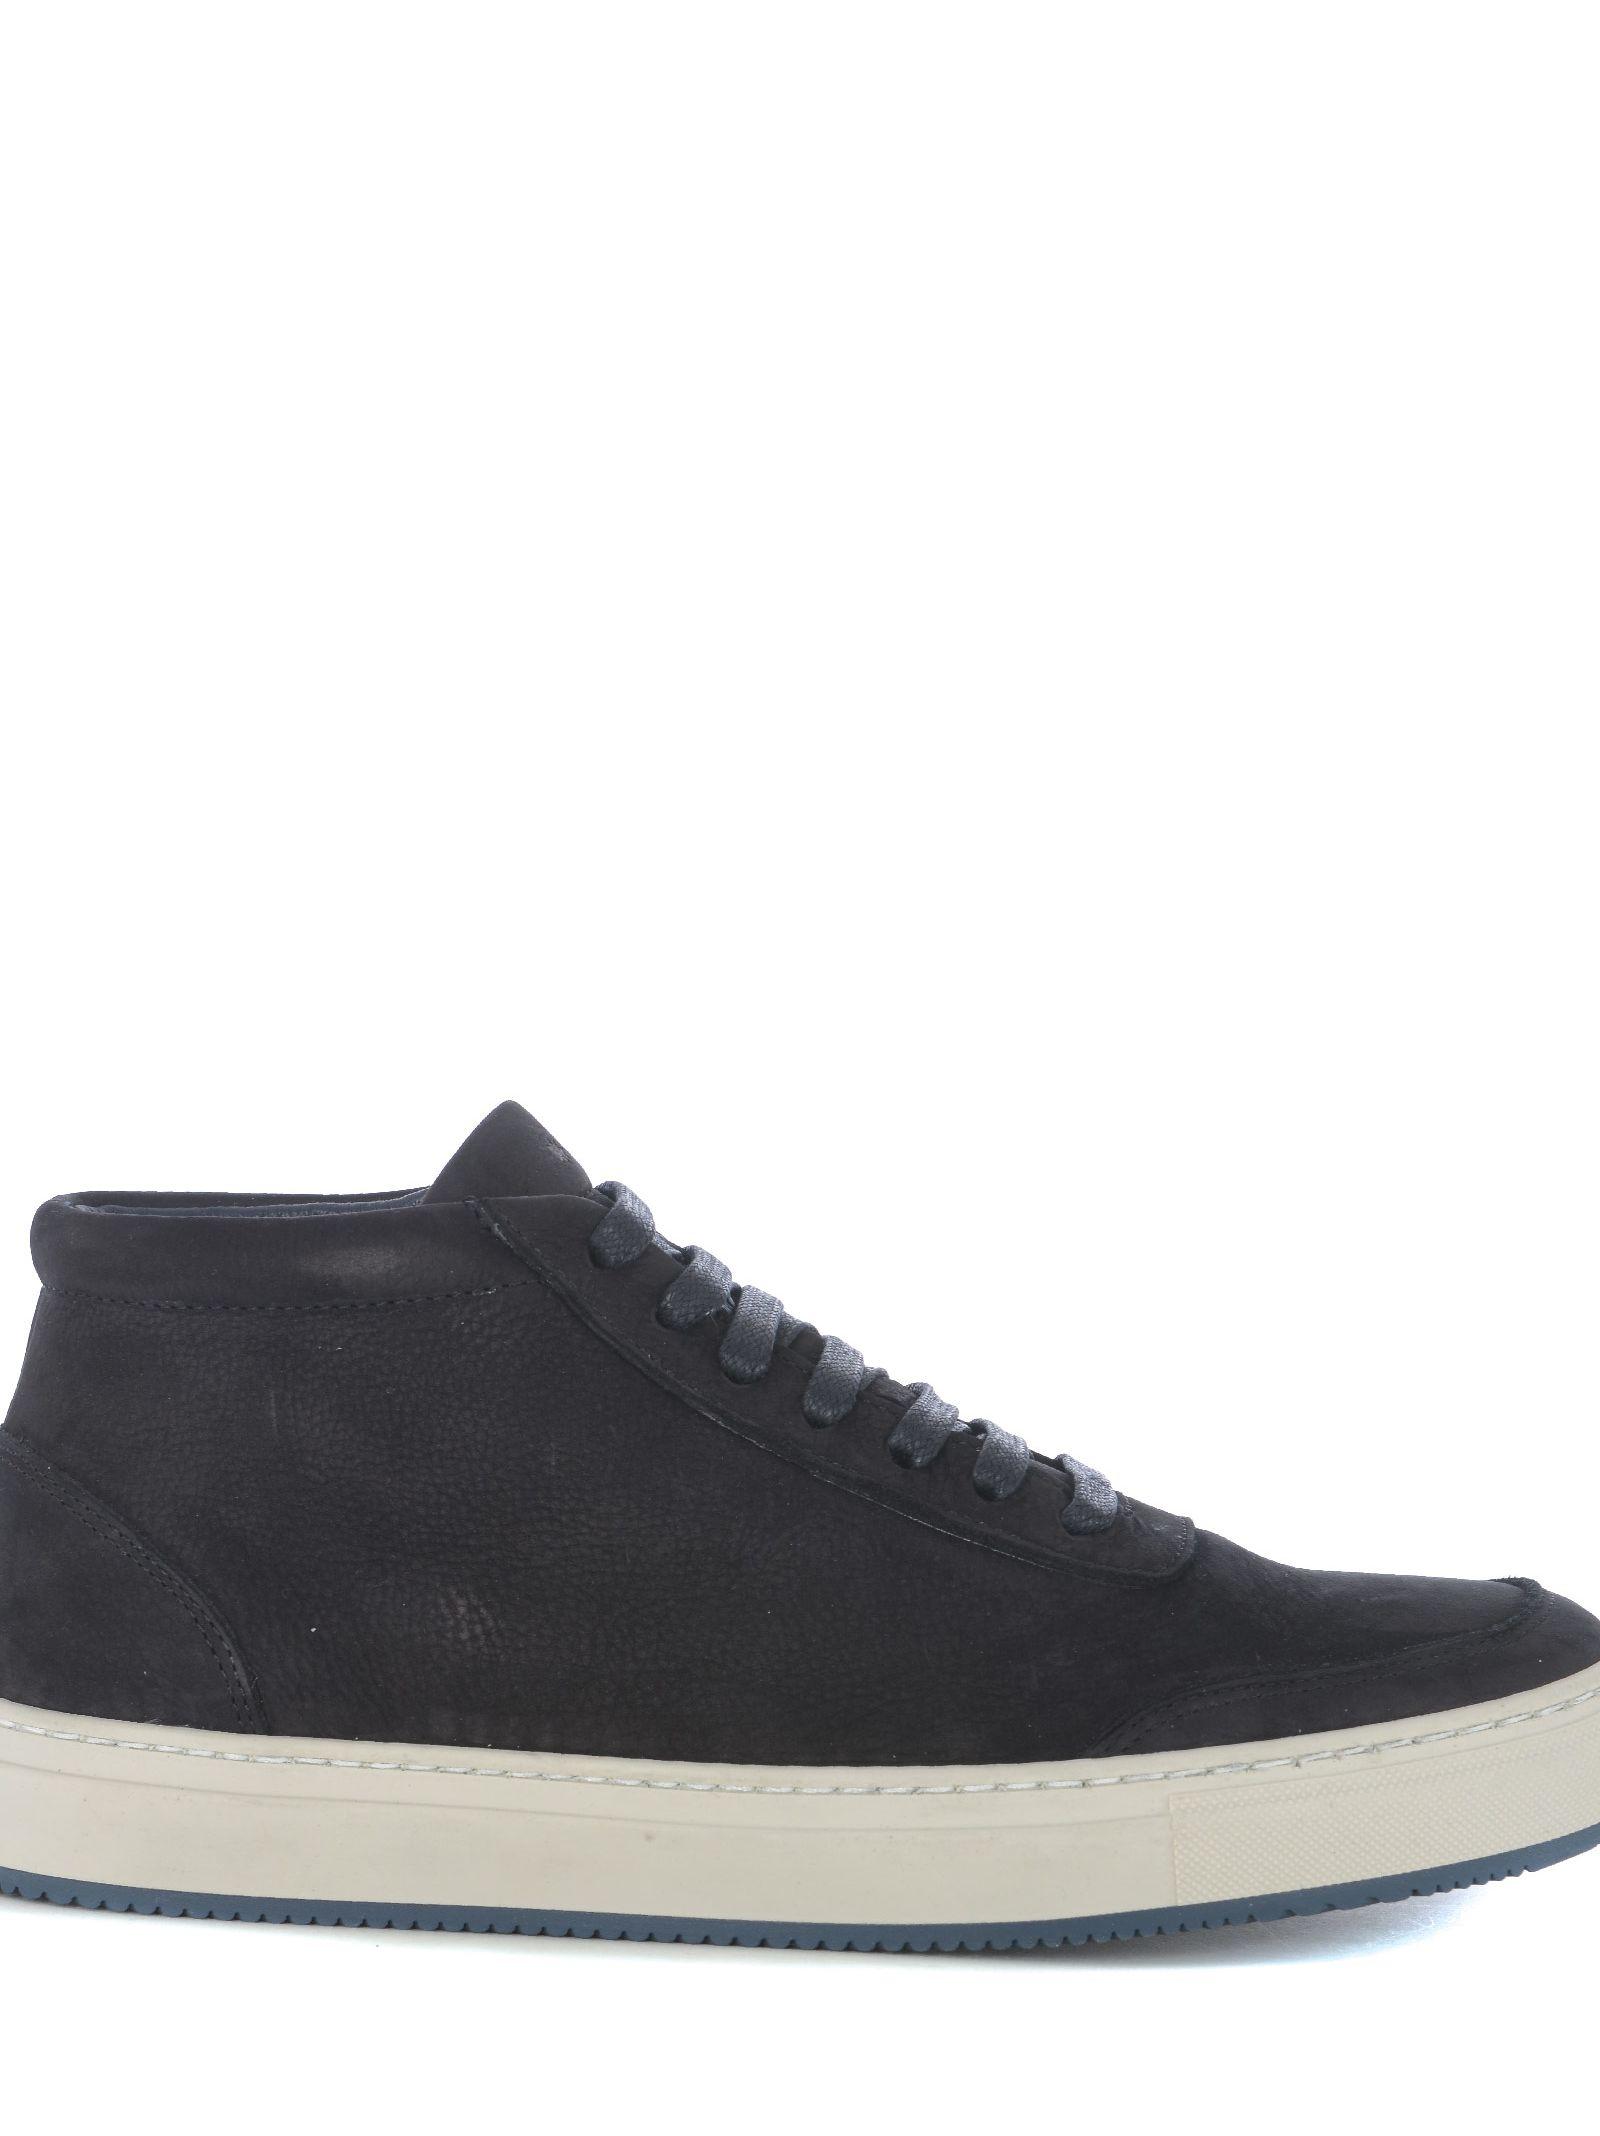 ANDREA ZORI Hi-Top Sneakers in Blu Notte